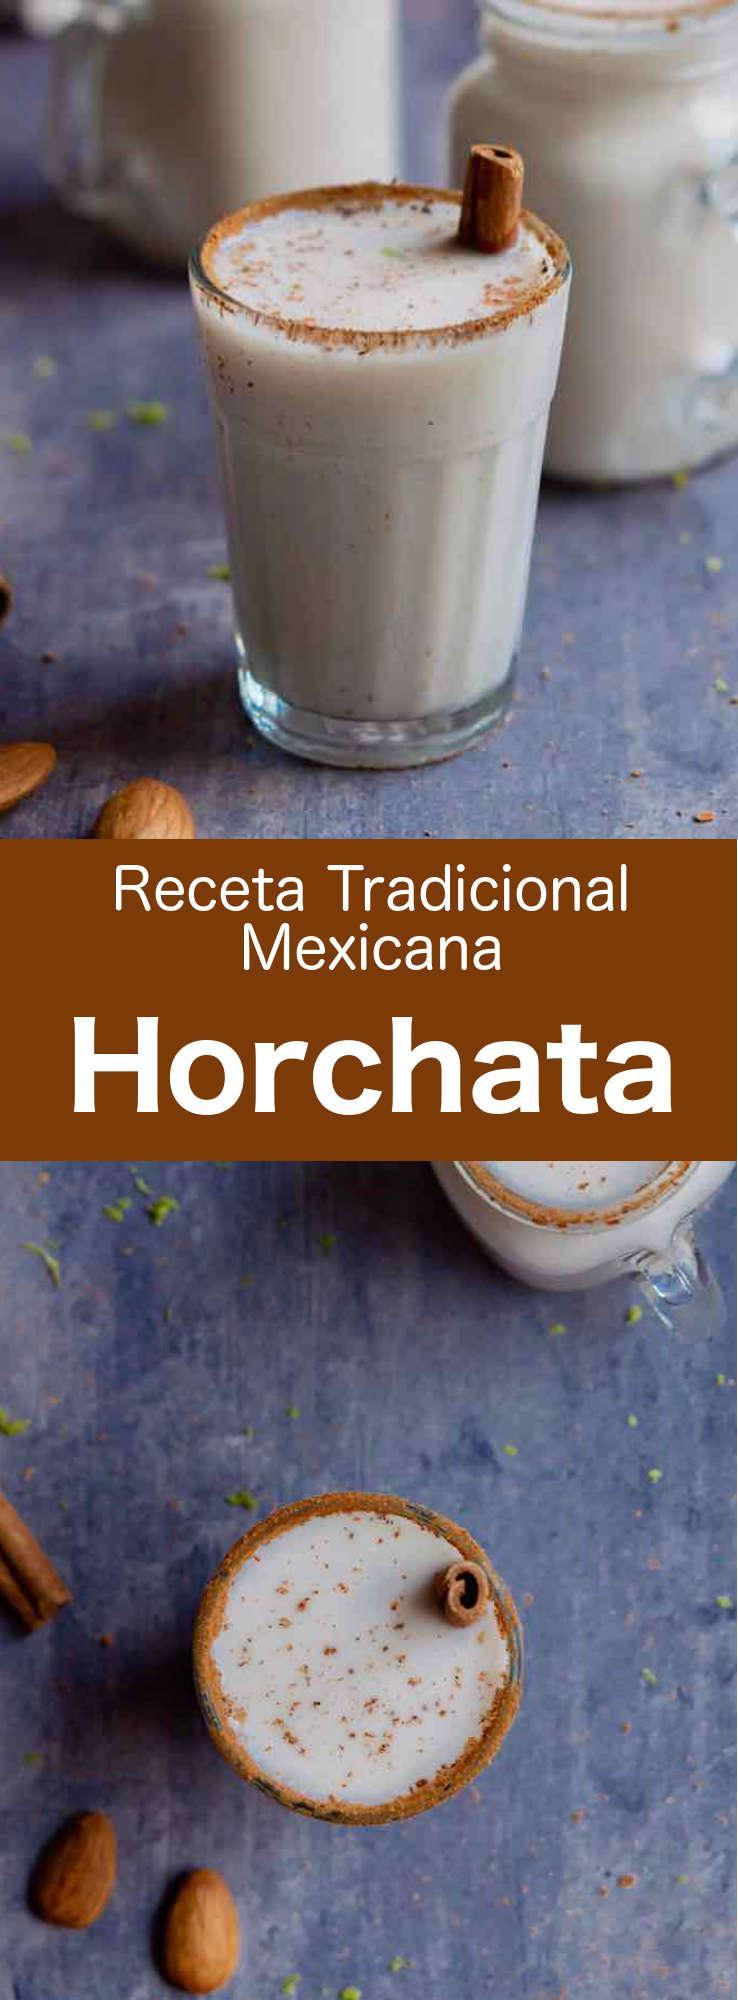 Hecha con arroz y almendras, la horchata es una bebida popular en todo México. Es dulce, fría y blanca: una maravillosa bebida refrescante de verano. #Mexico #recetamexicana